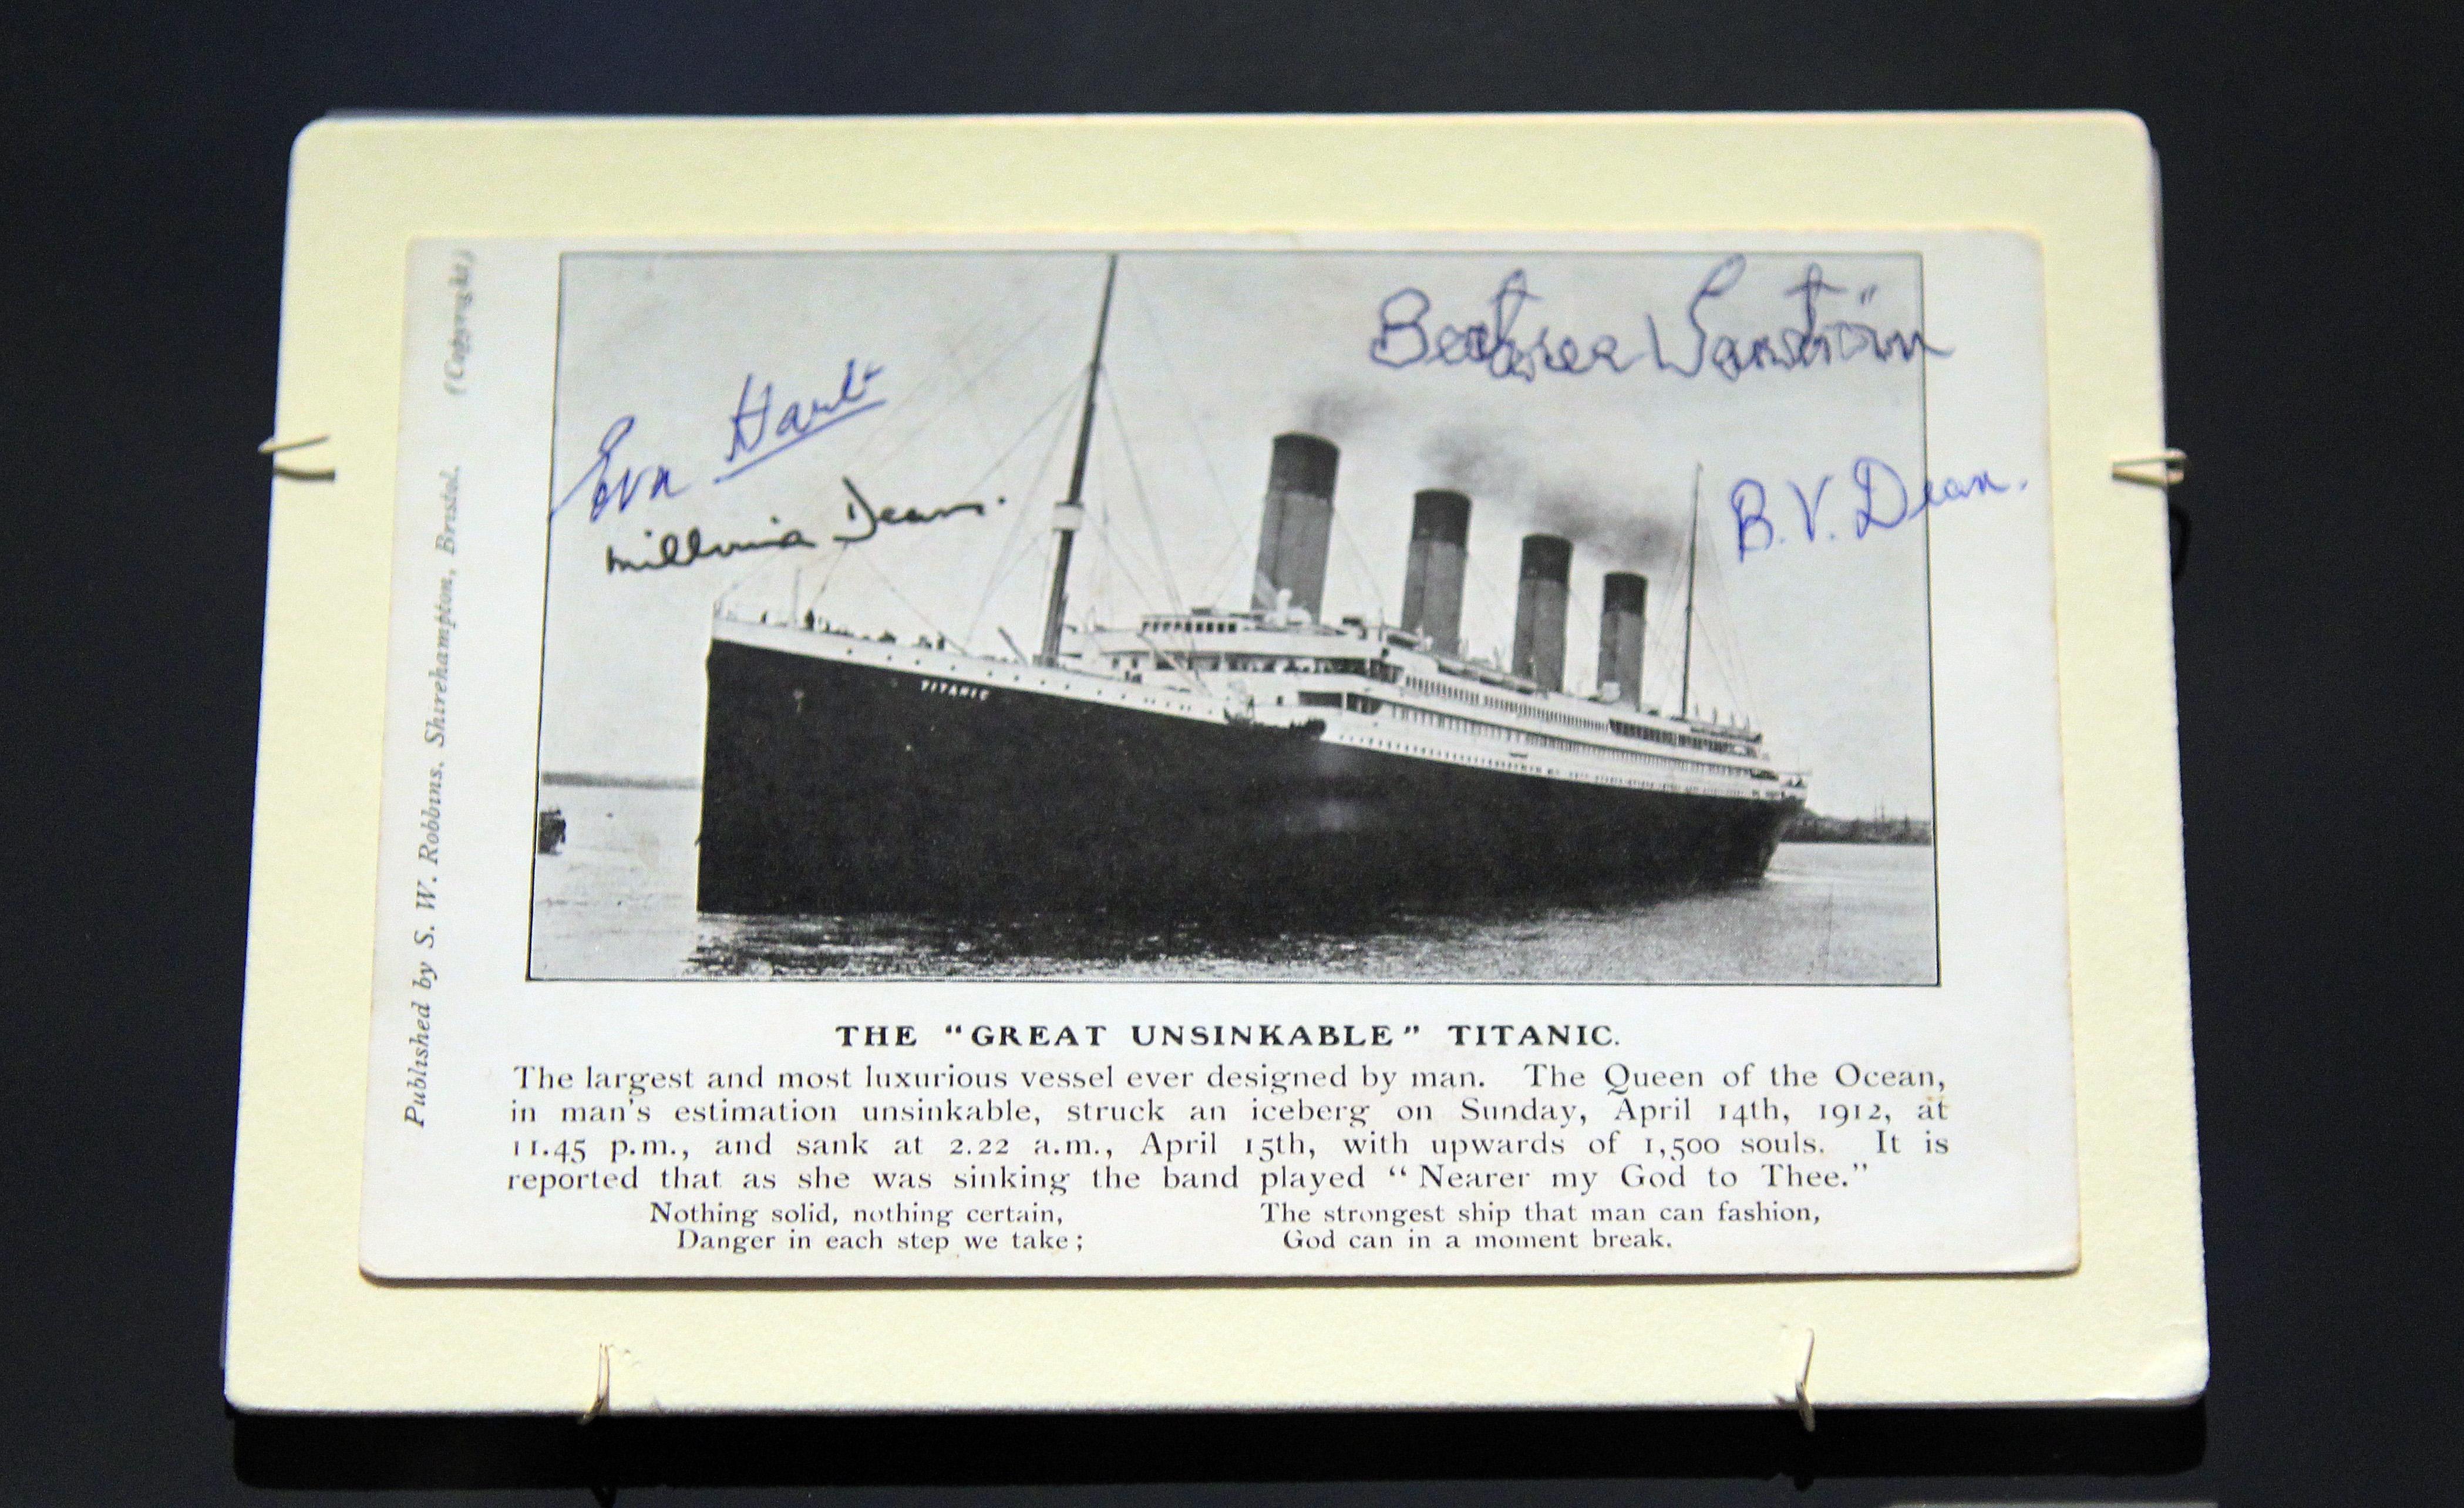 有倖存者艾娃·哈特(Eva Hart)等人簽名的泰坦尼克號明信片。(PETER MUHLY/AFP/Getty Images)